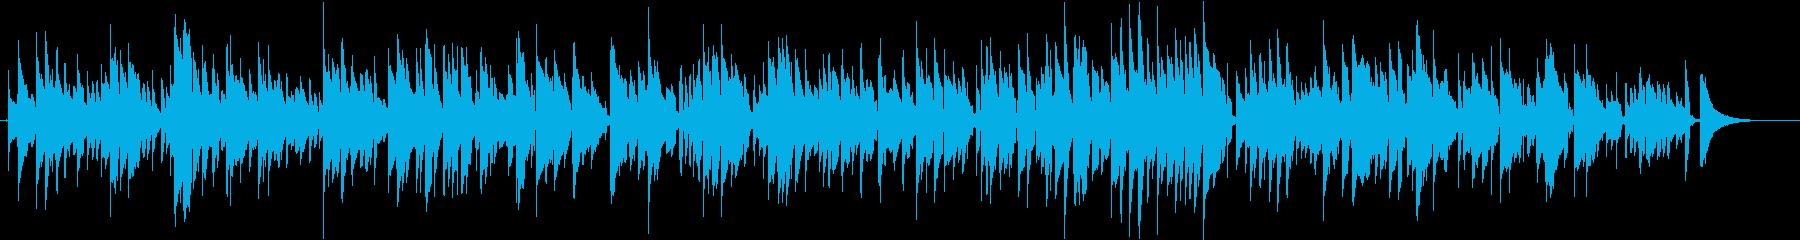 ショパン 別れの曲 ボサノバアレンジの再生済みの波形